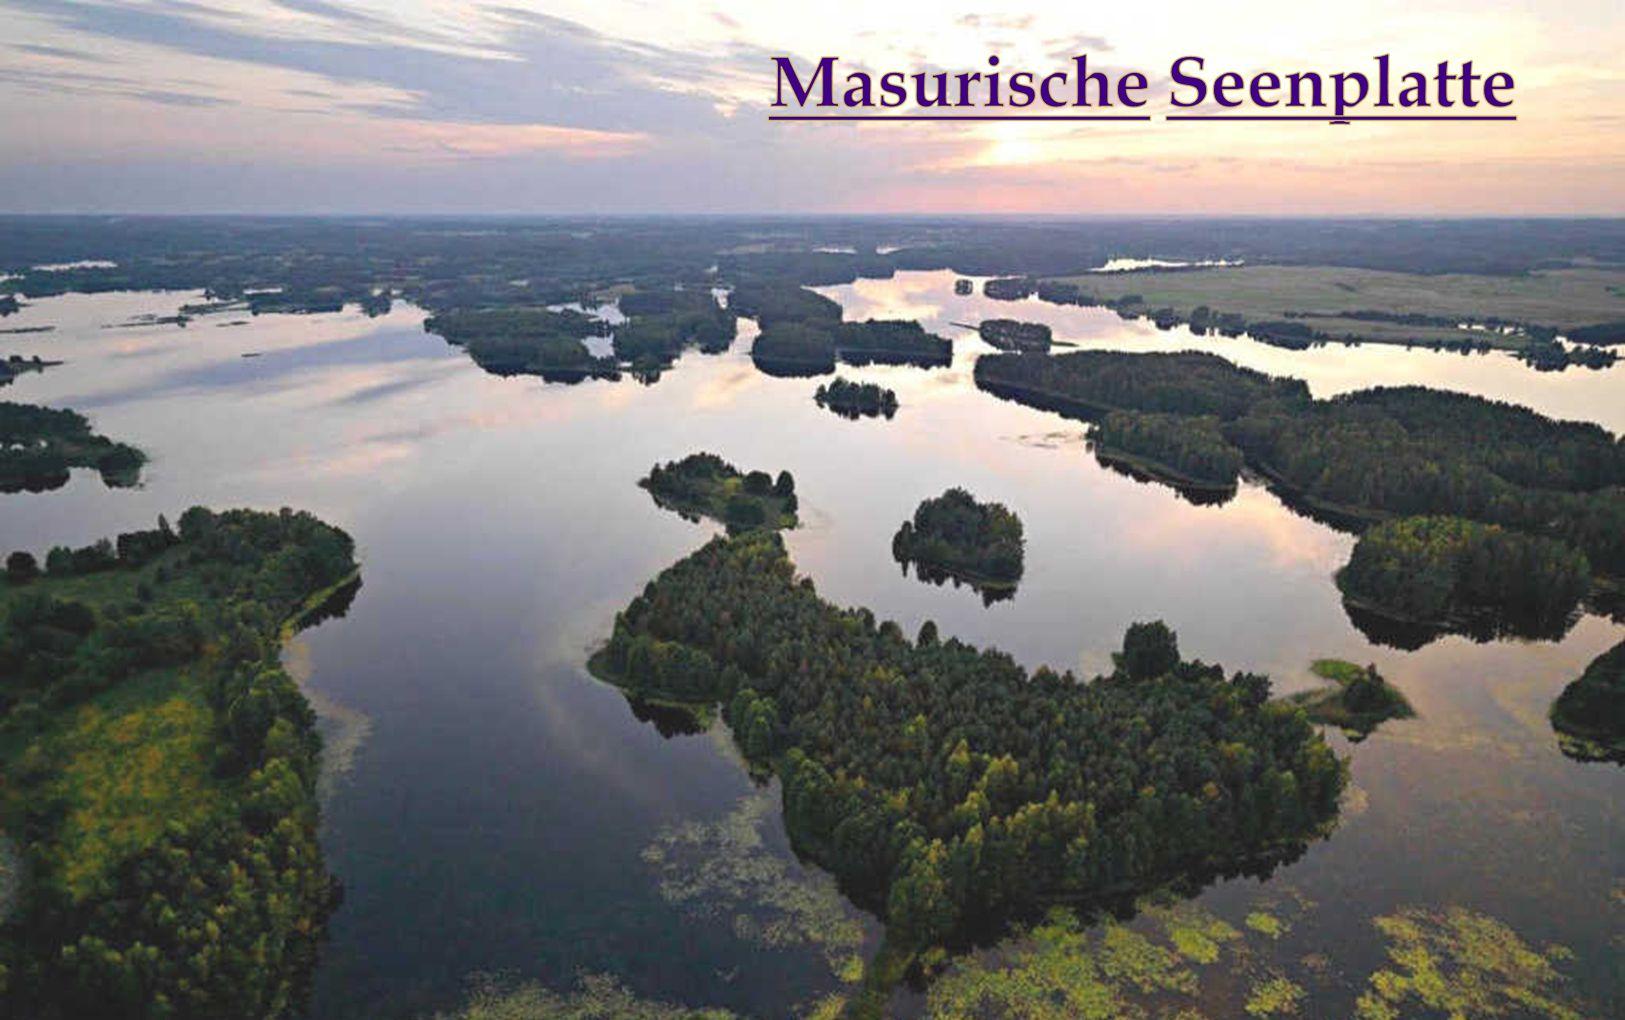 Die Masurische Seenplatte besteht aus einer Vielzahl von Seen in einer eiszeitlichen Moränenlandschaft.